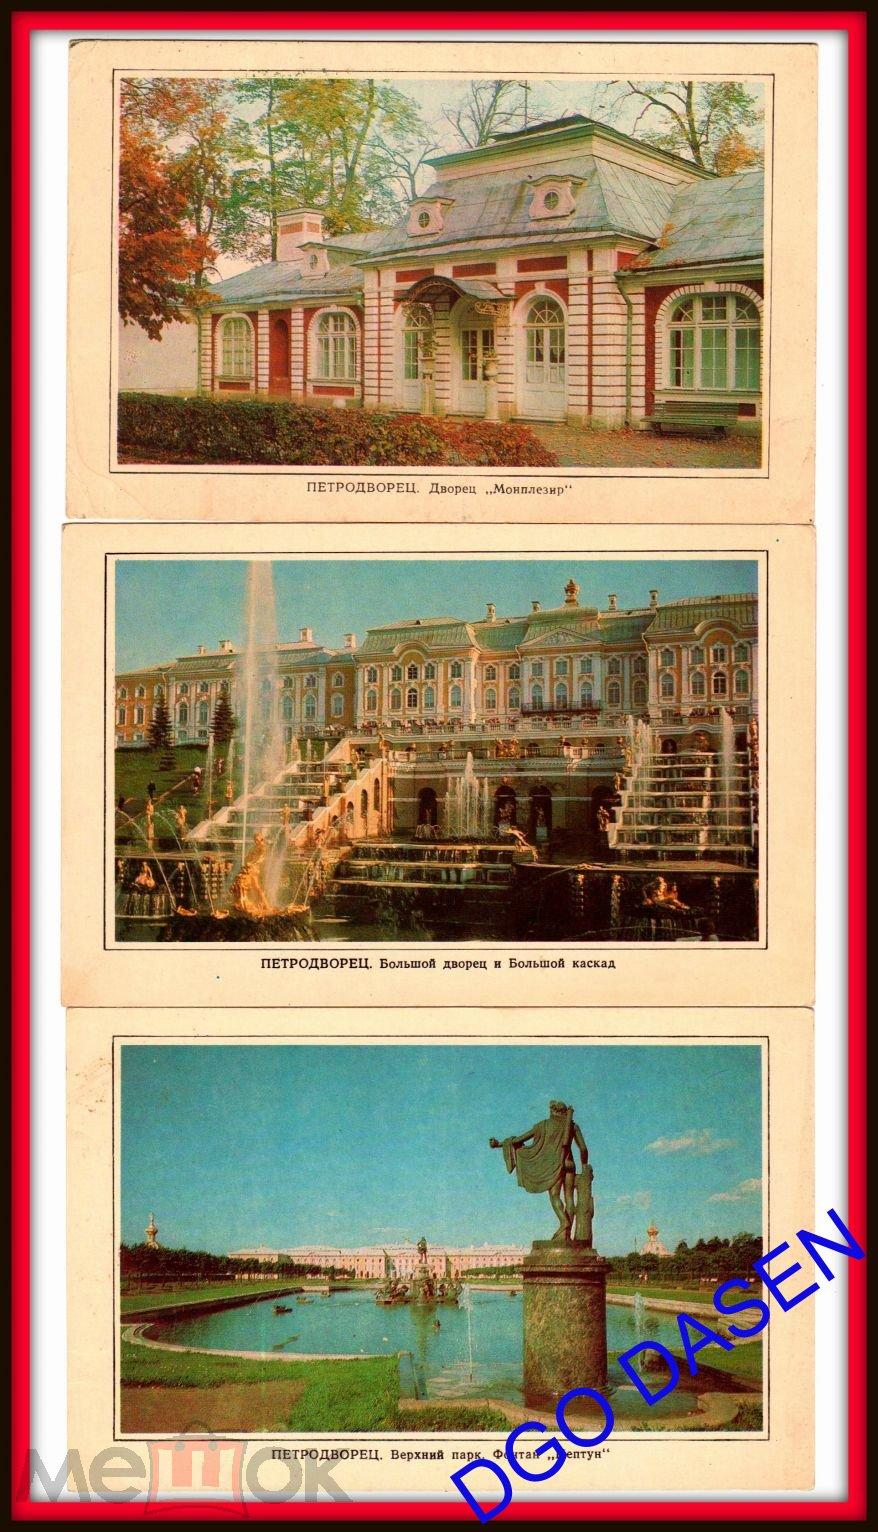 открытка.почтовая карточка.фото СССР - Петродворец. Ленинград 1976 г. - В125